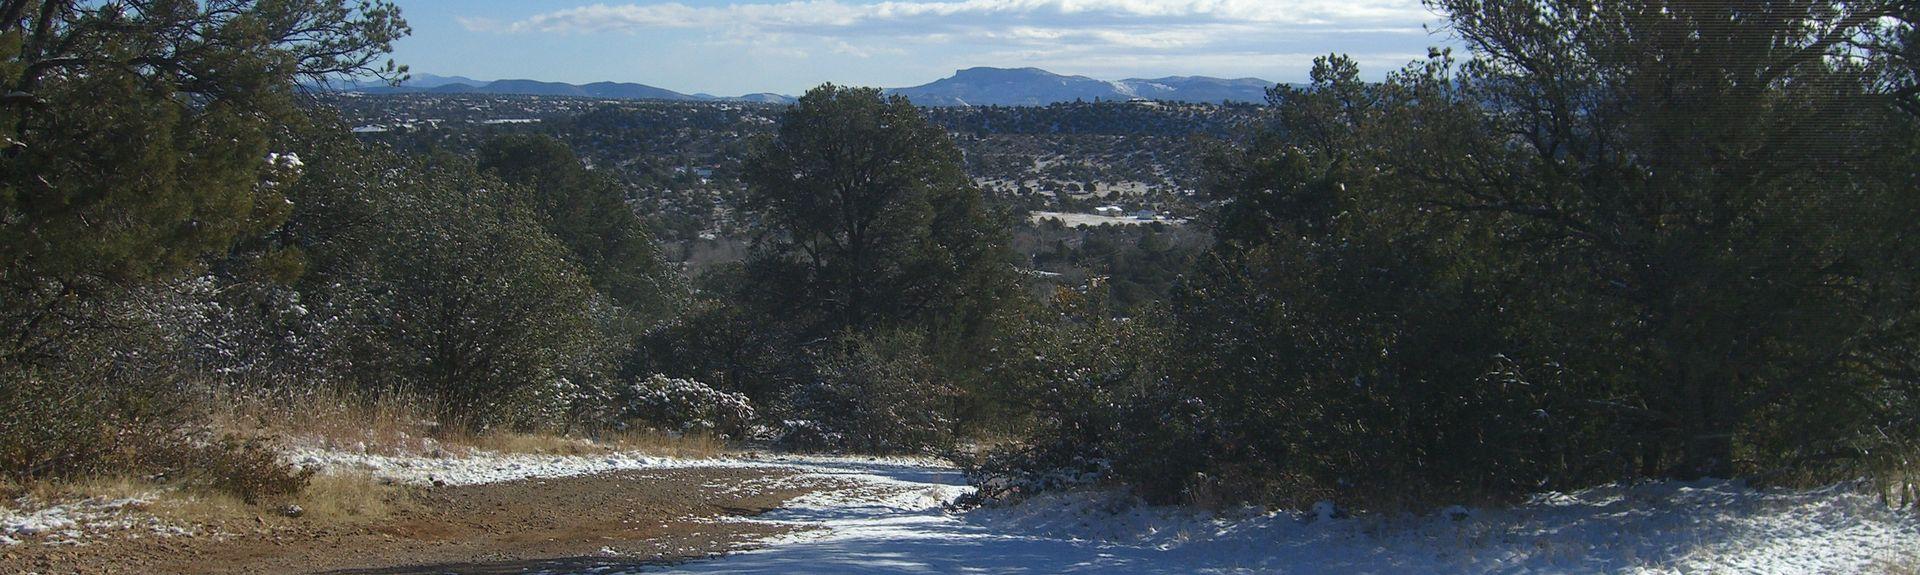 Silver City, Novo México, Estados Unidos